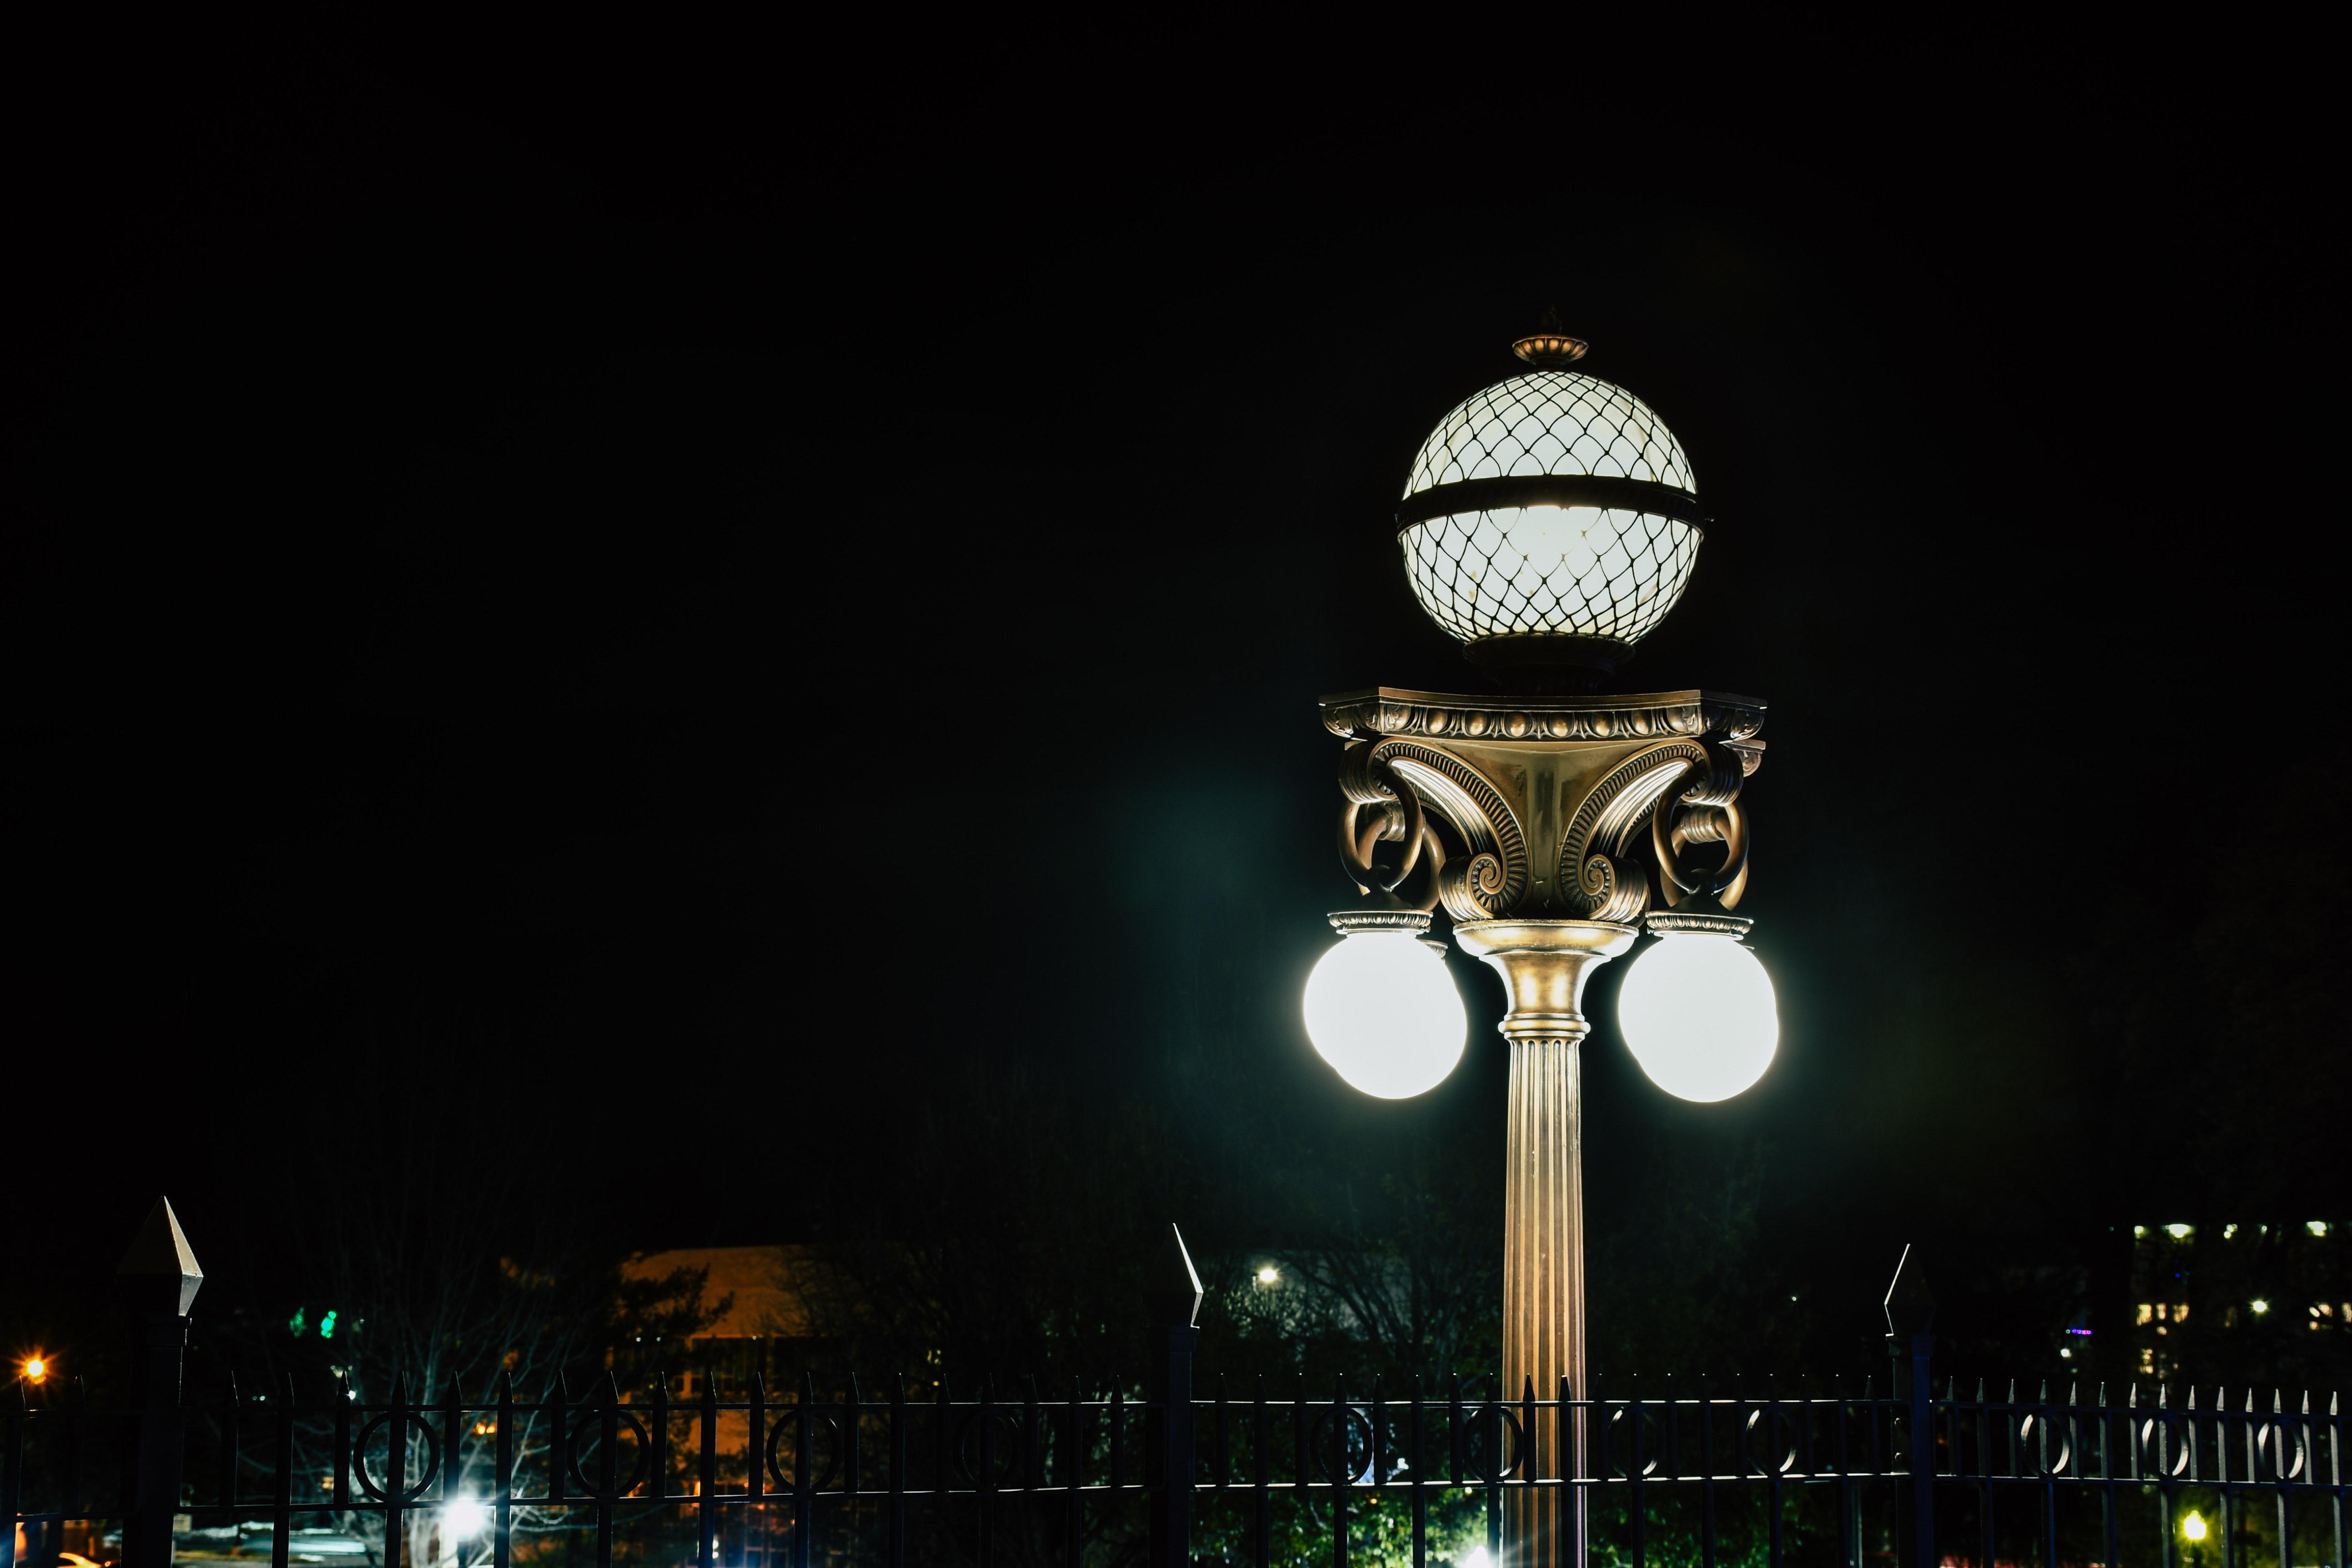 Images Gratuites Lumières De La Ville Foncé Soir